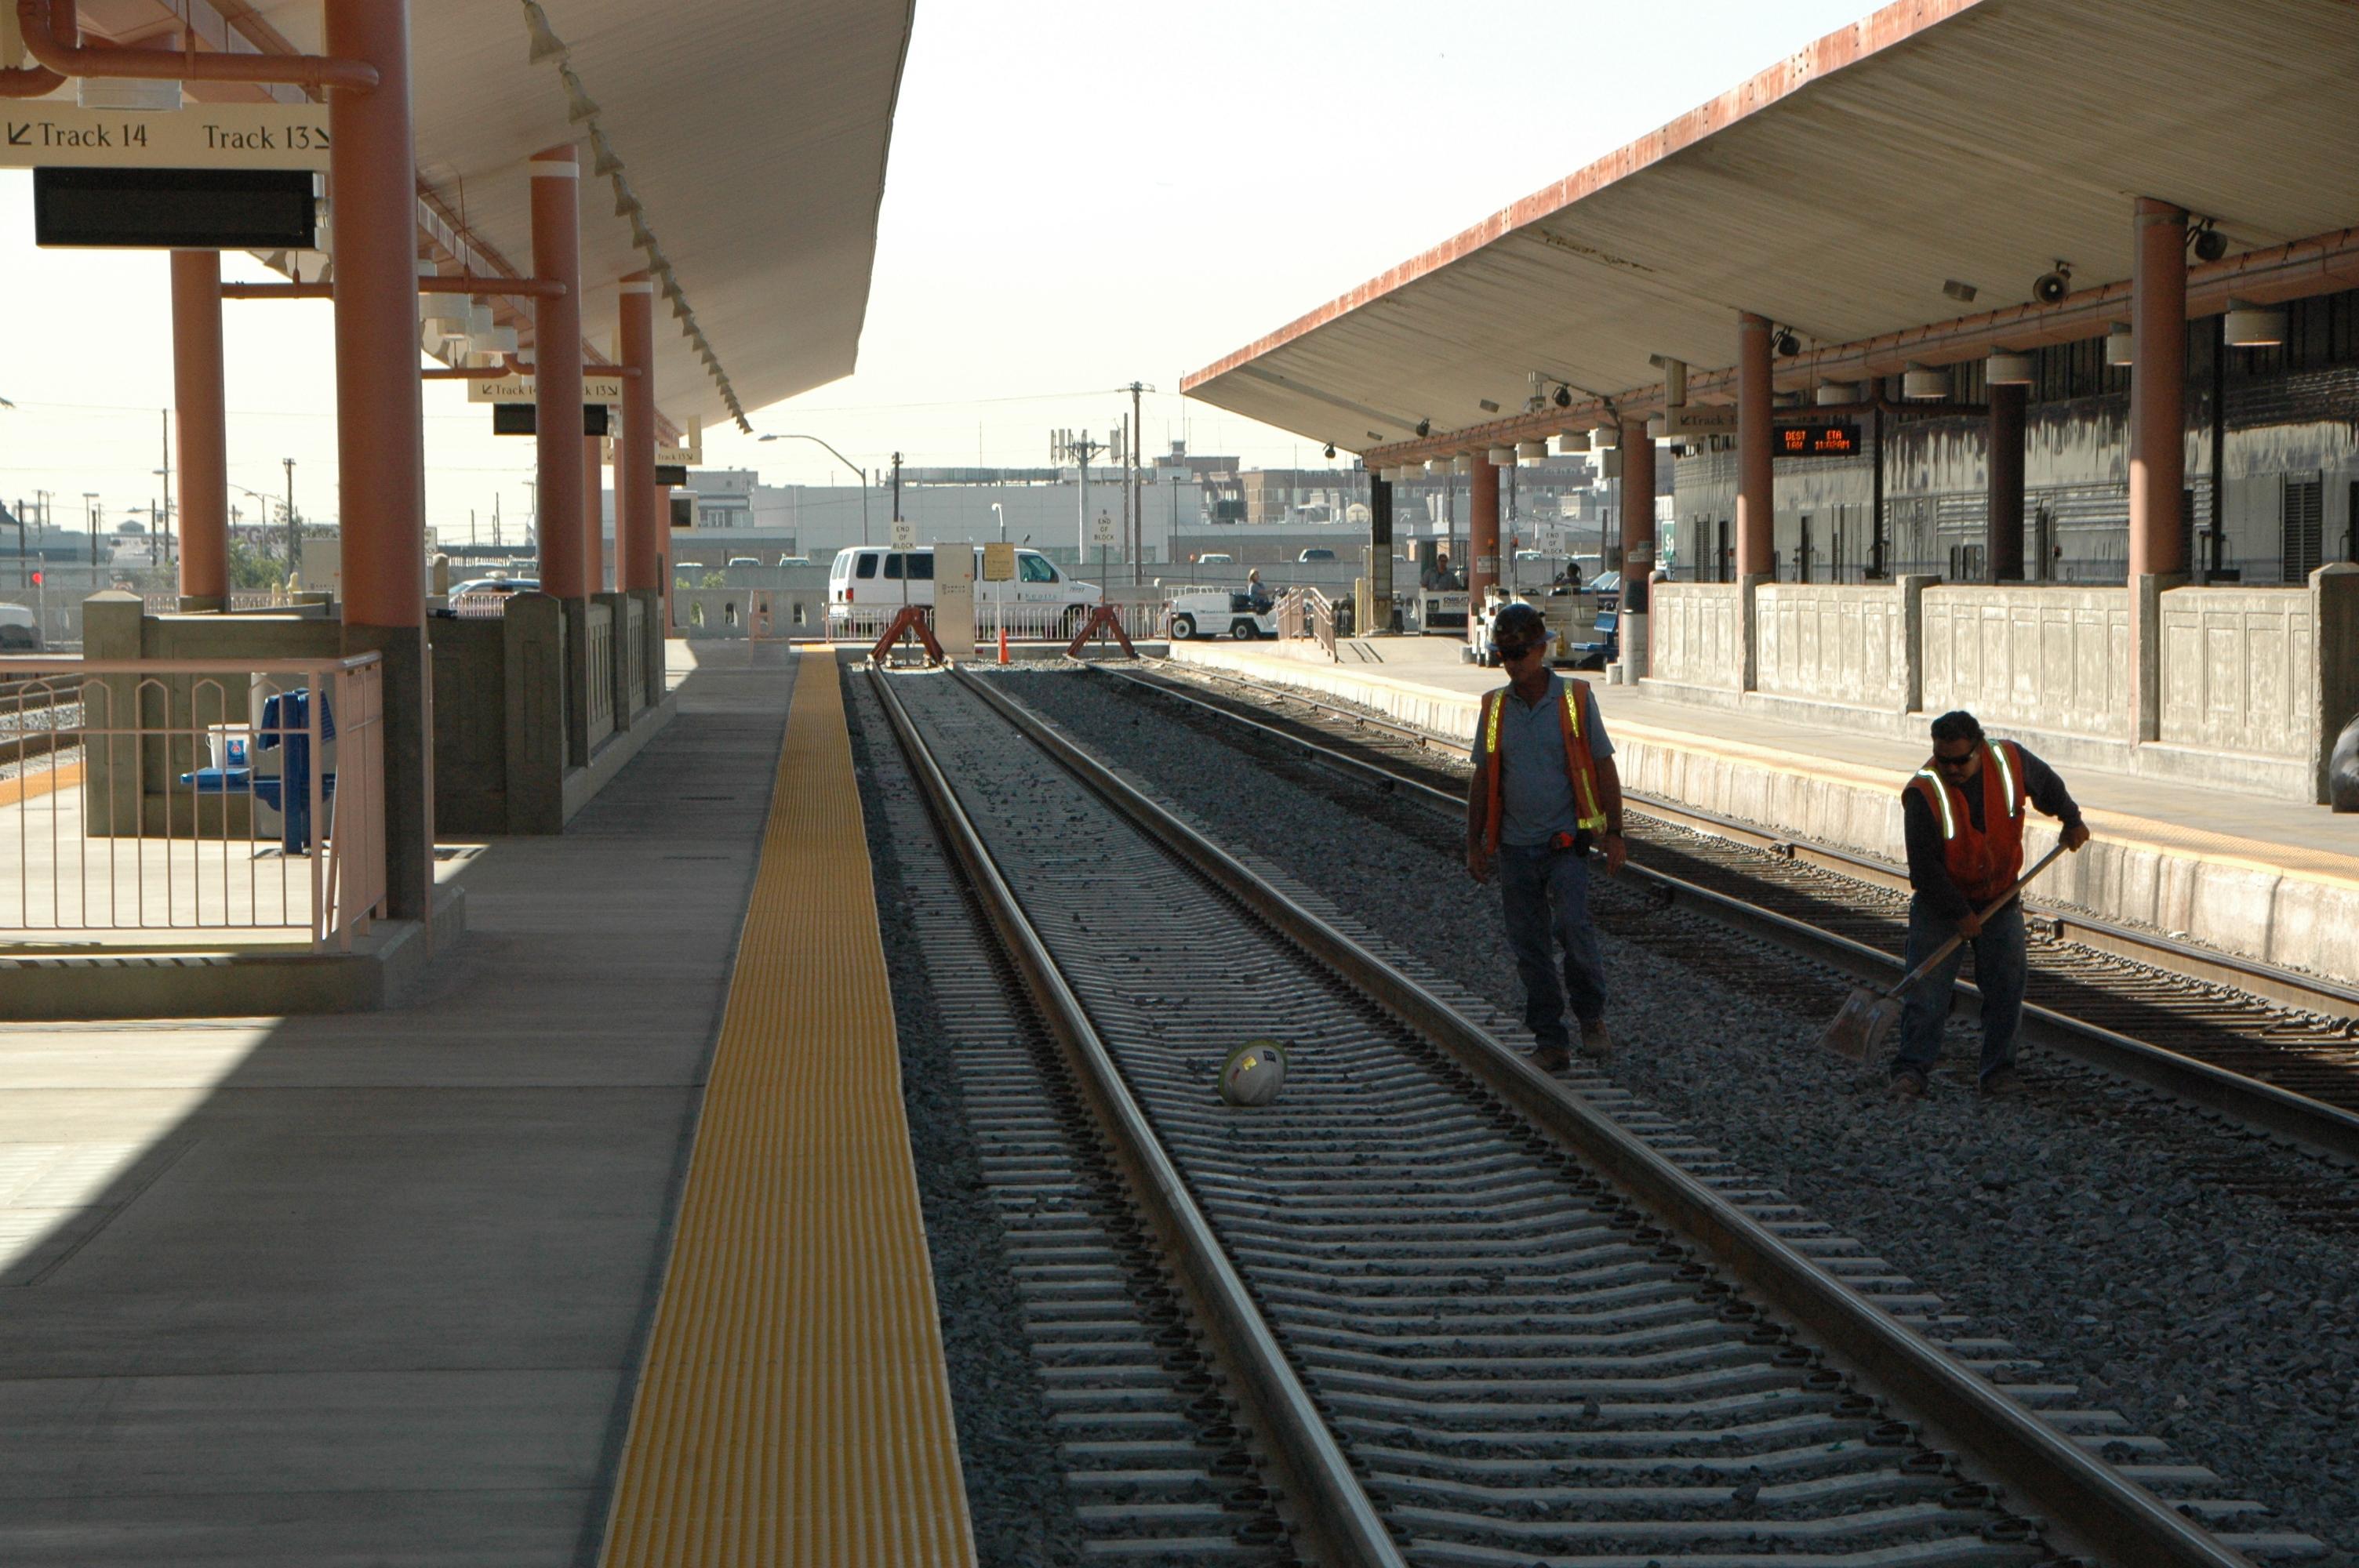 Trabajadores dando los últimos toques a las vías de trenes en la recien remodelada plataforma 13 y 14. (Foto José Ubaldo/El Pasajero0.